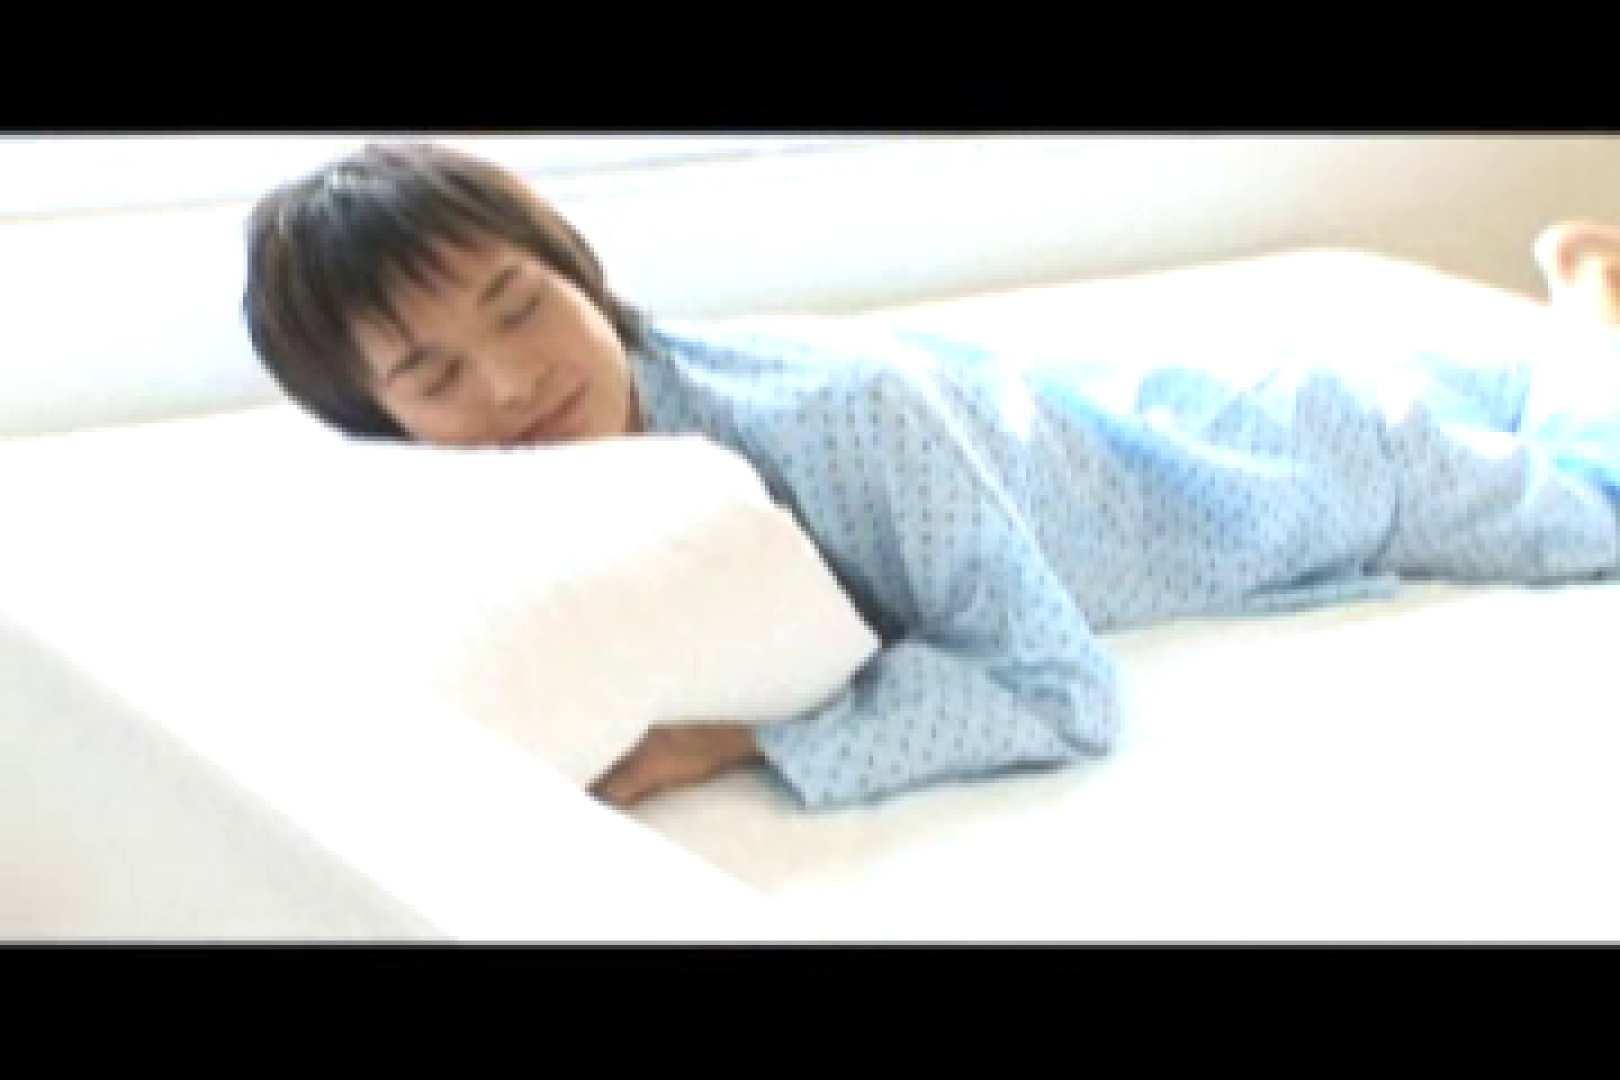 美男子コレクションvol7 イケメン ケツマンスケベ画像 104枚 69